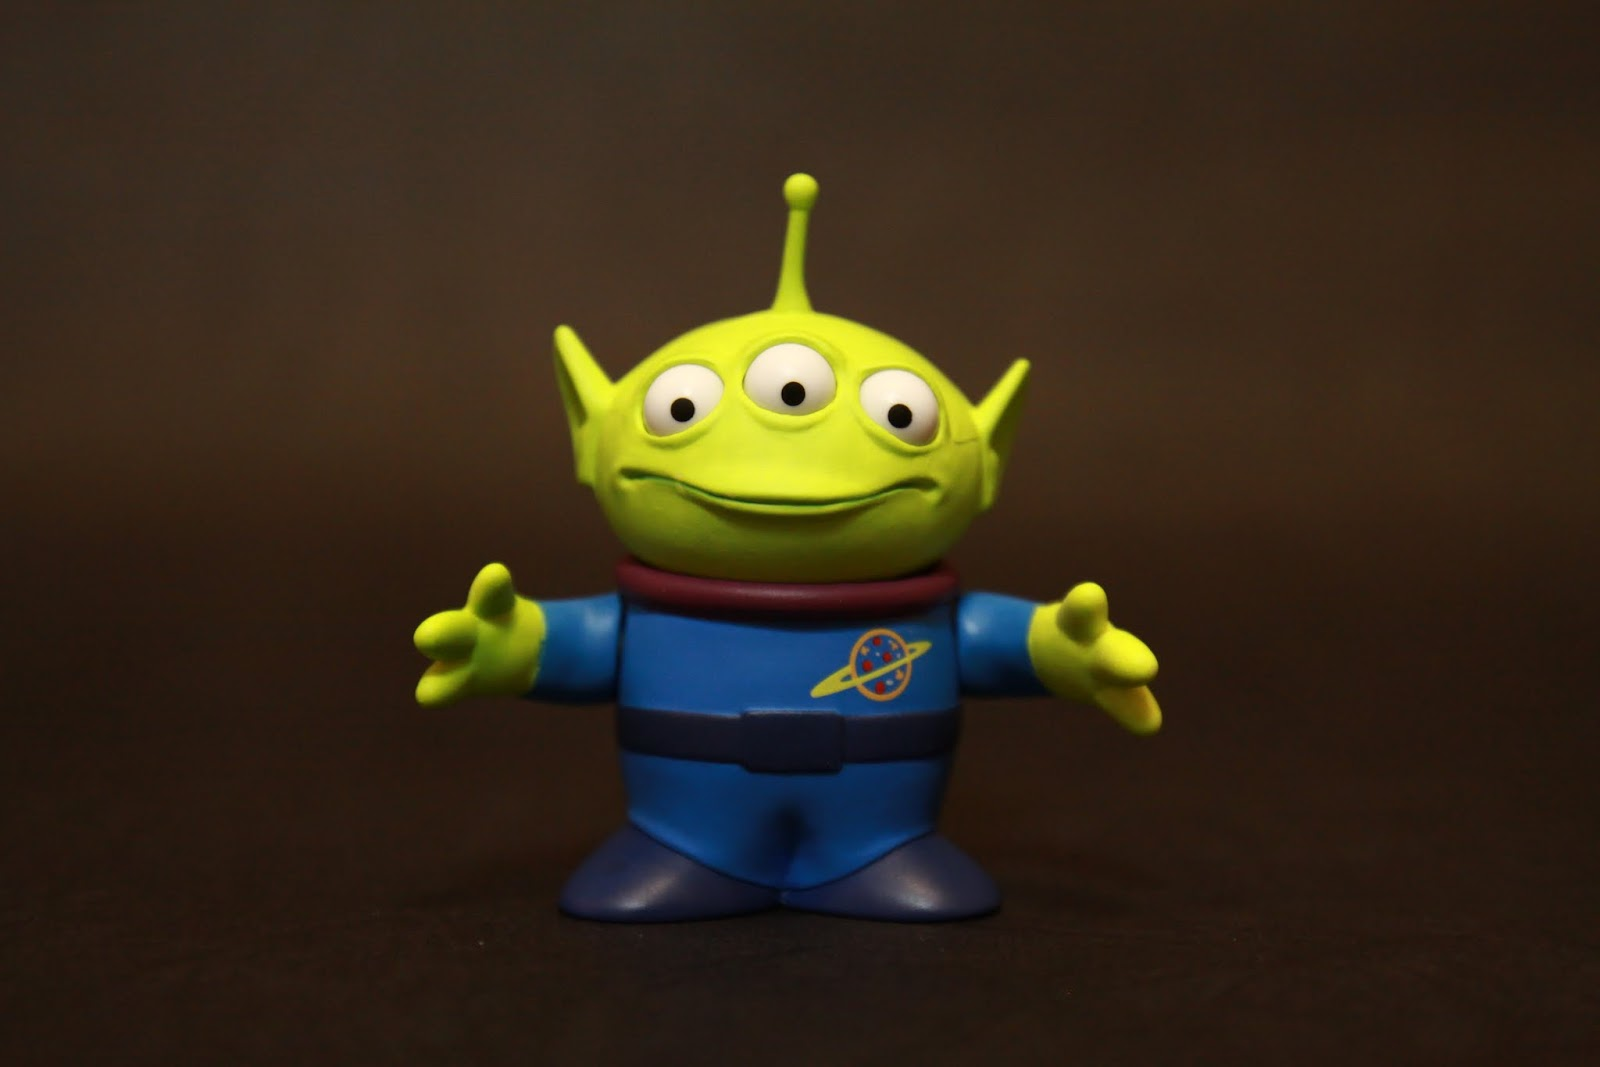 多可愛啊! 超搶戲的三眼外星人 他根本才是本套件的本體啊!